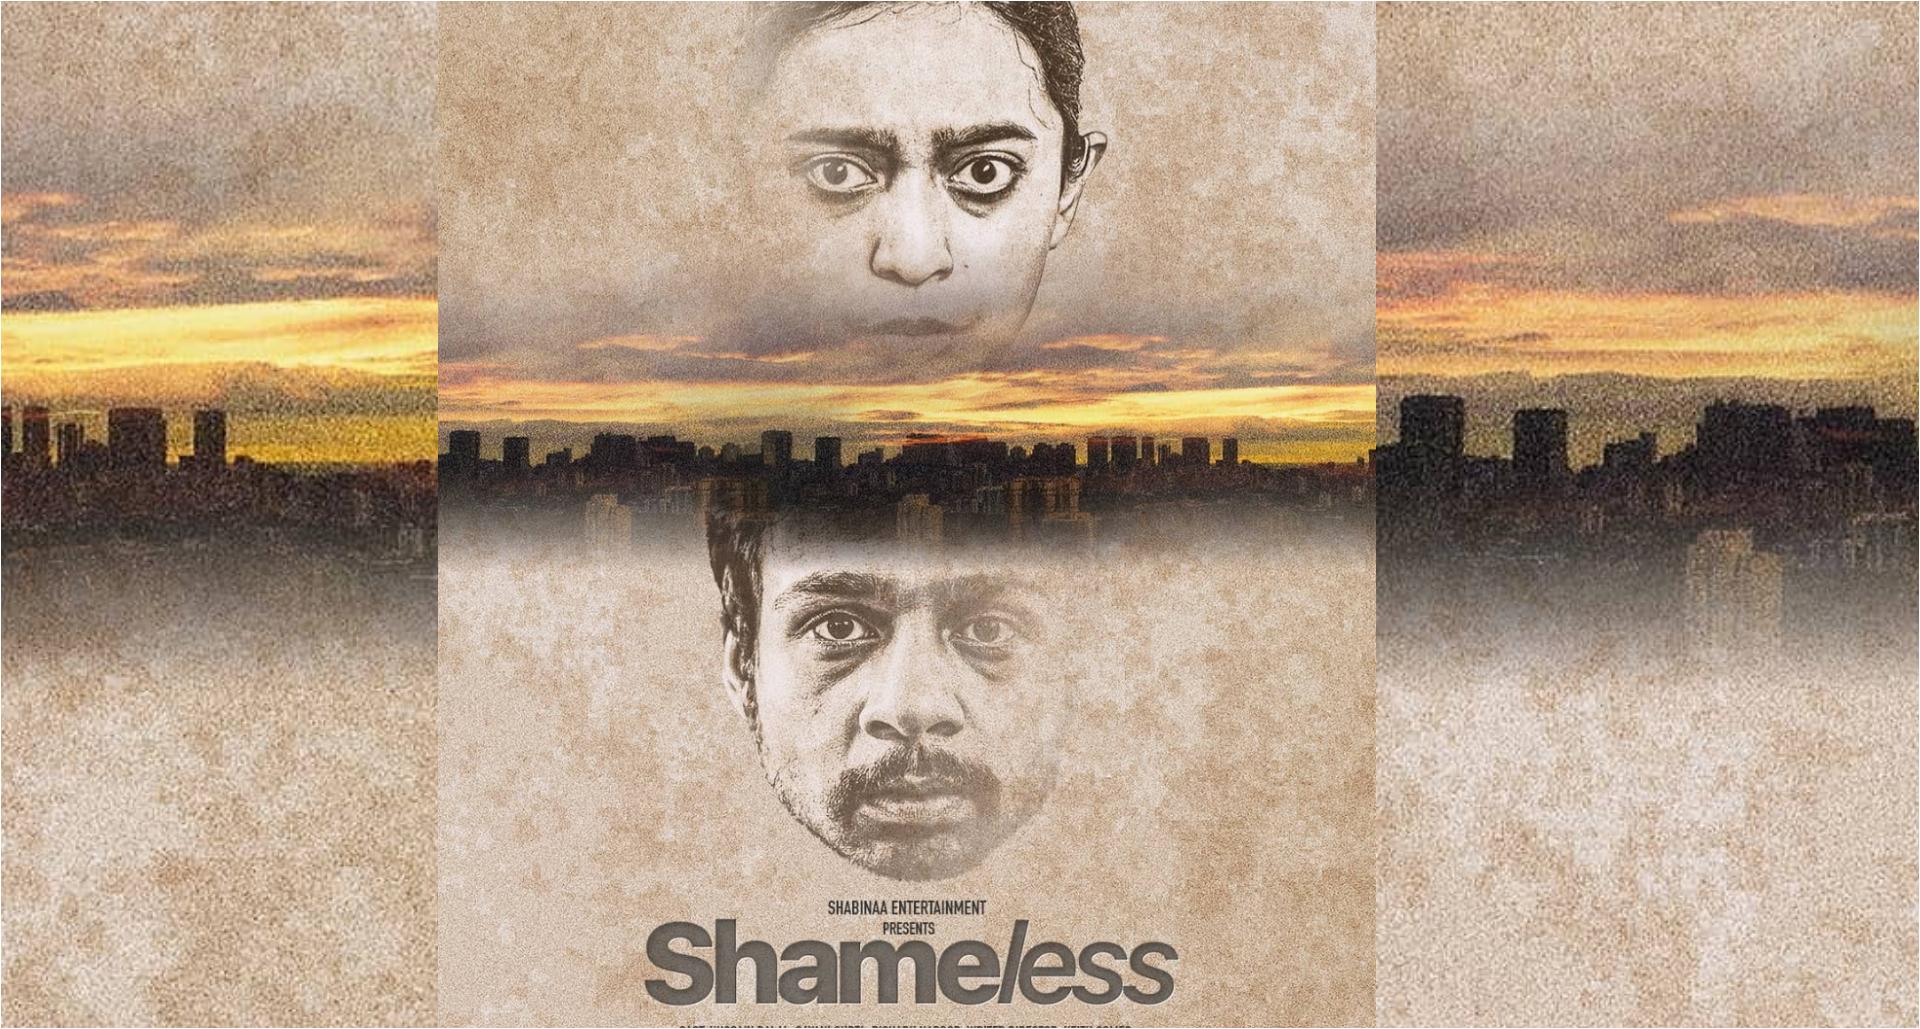 ऑस्कर विचार-विमर्श के लिए योग्य बनी शॉर्ट फिल्म 'शेमलेस', देखिये ट्रेलर में क्या है ऐसा खास!